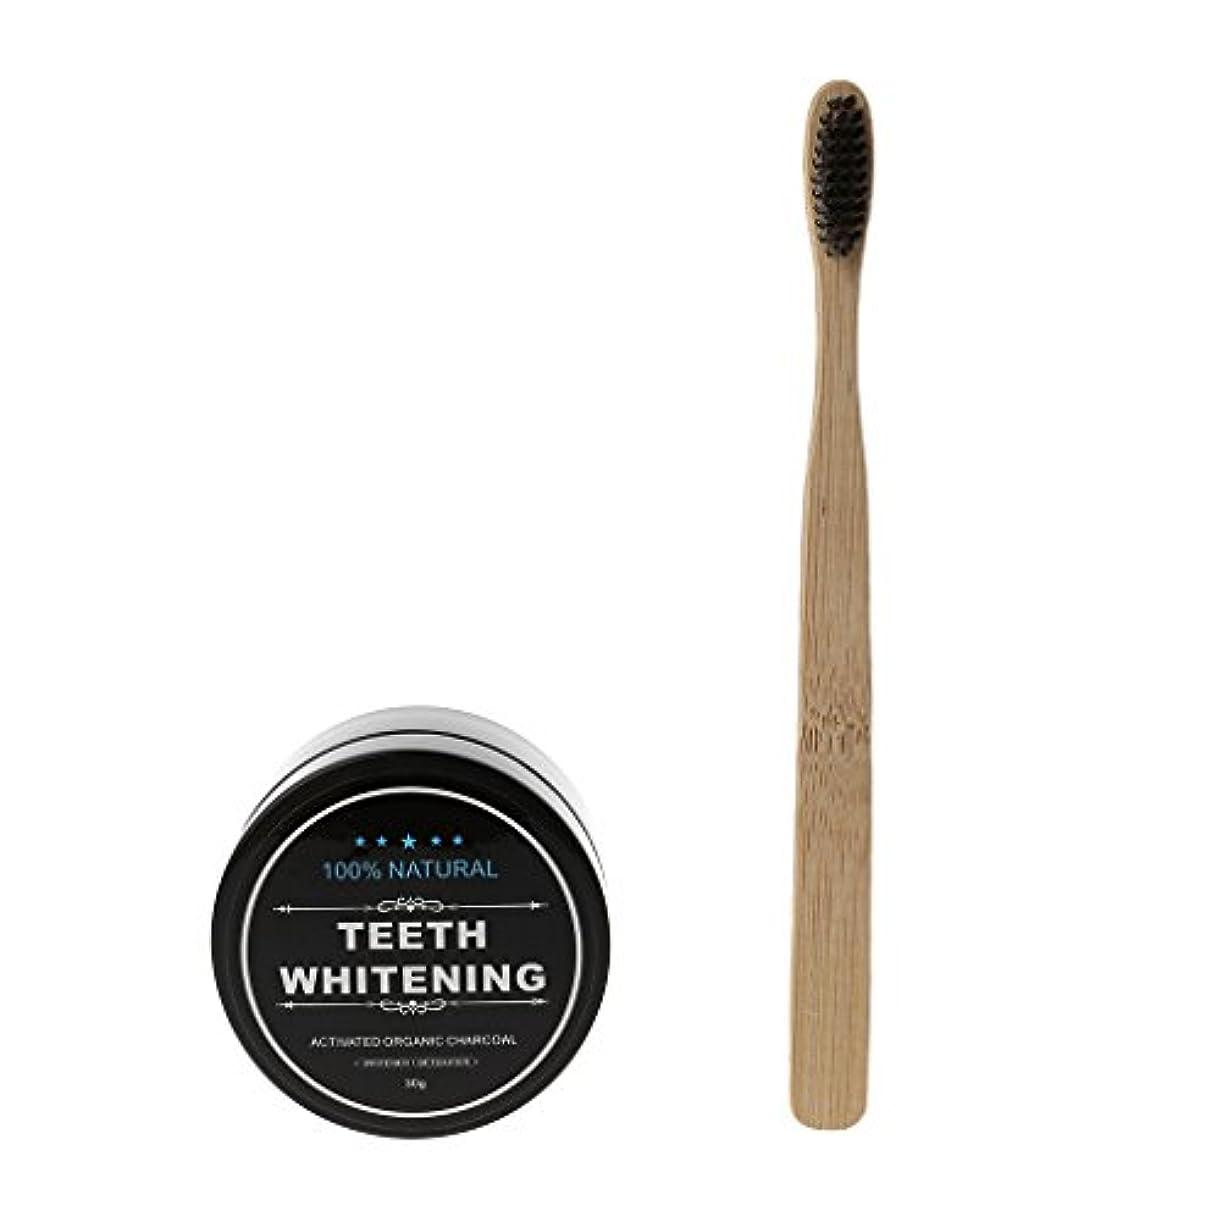 ありふれたピザシェルターJAGETRADEバンブーホワイトニング歯のパウダーオーガニックは、木炭の練り歯磨き&歯ブラシシルバーを活性化する